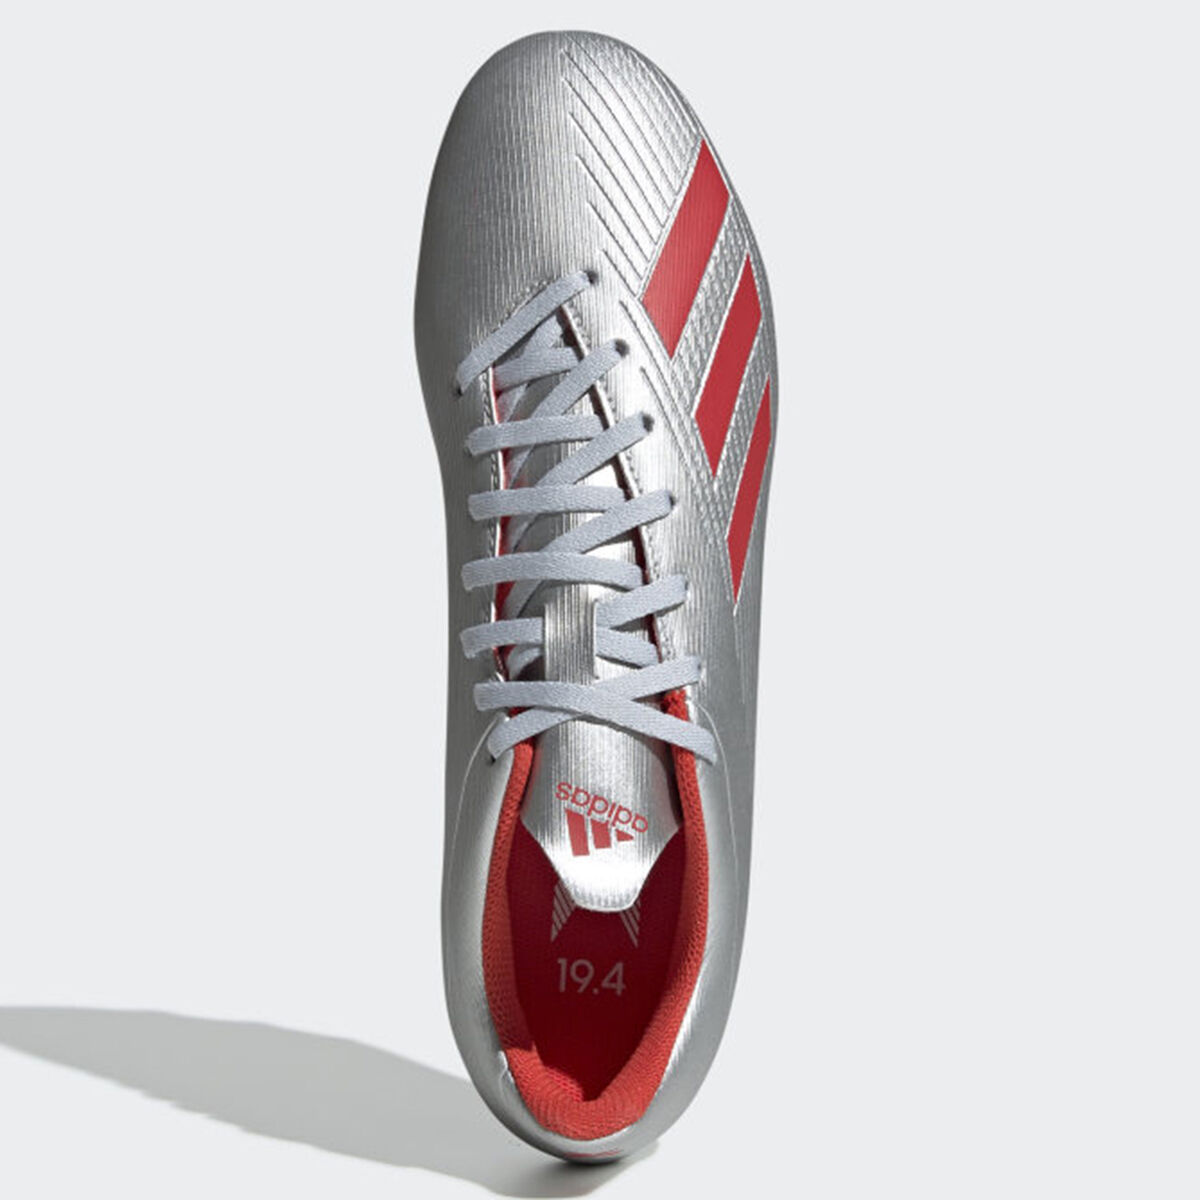 Zapato de Fútbol Hombre Adidas X 19.4 Fxg